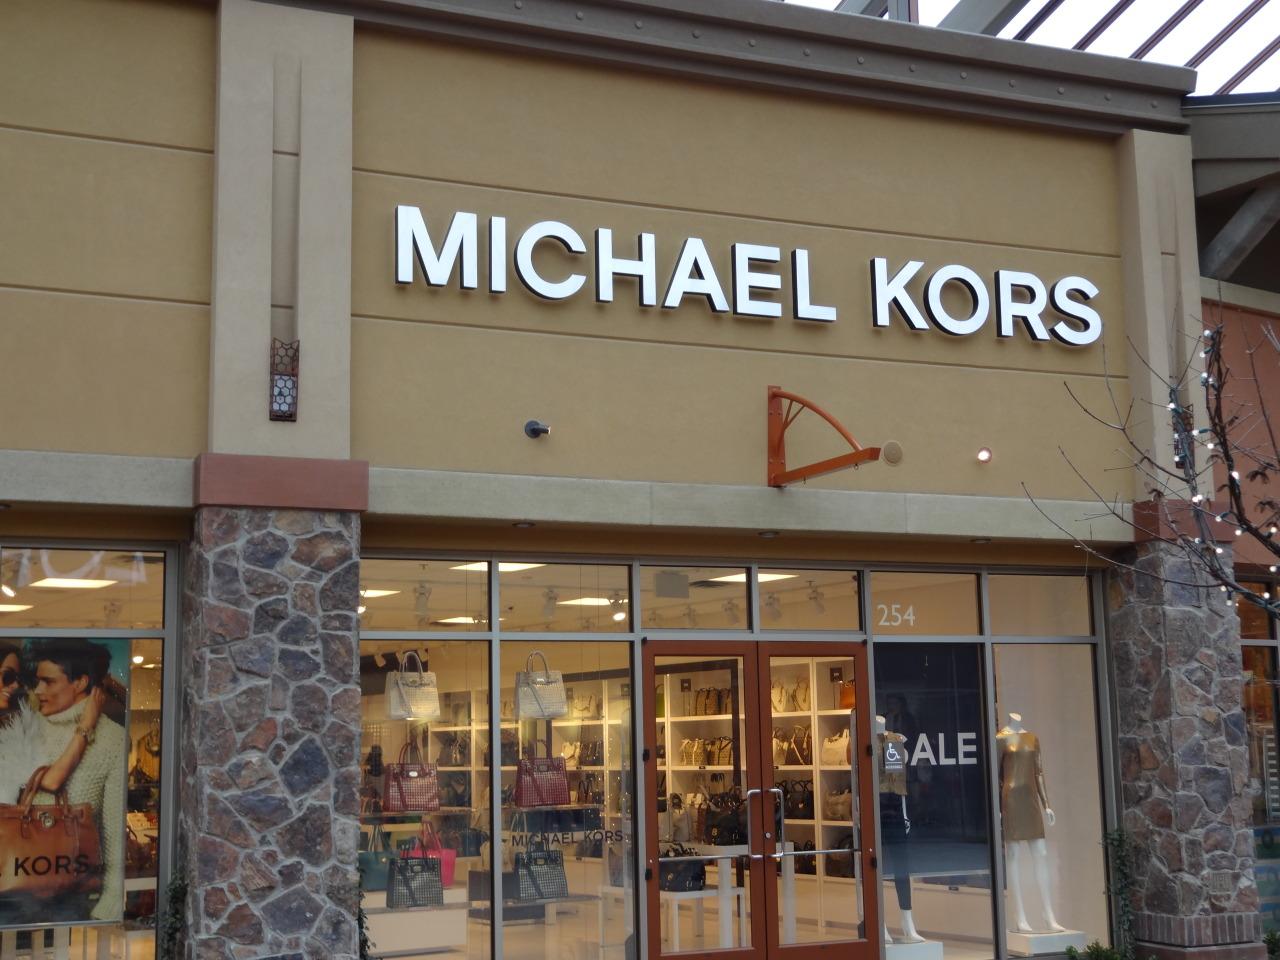 Michael Kors Settles Class Action Lawsuit